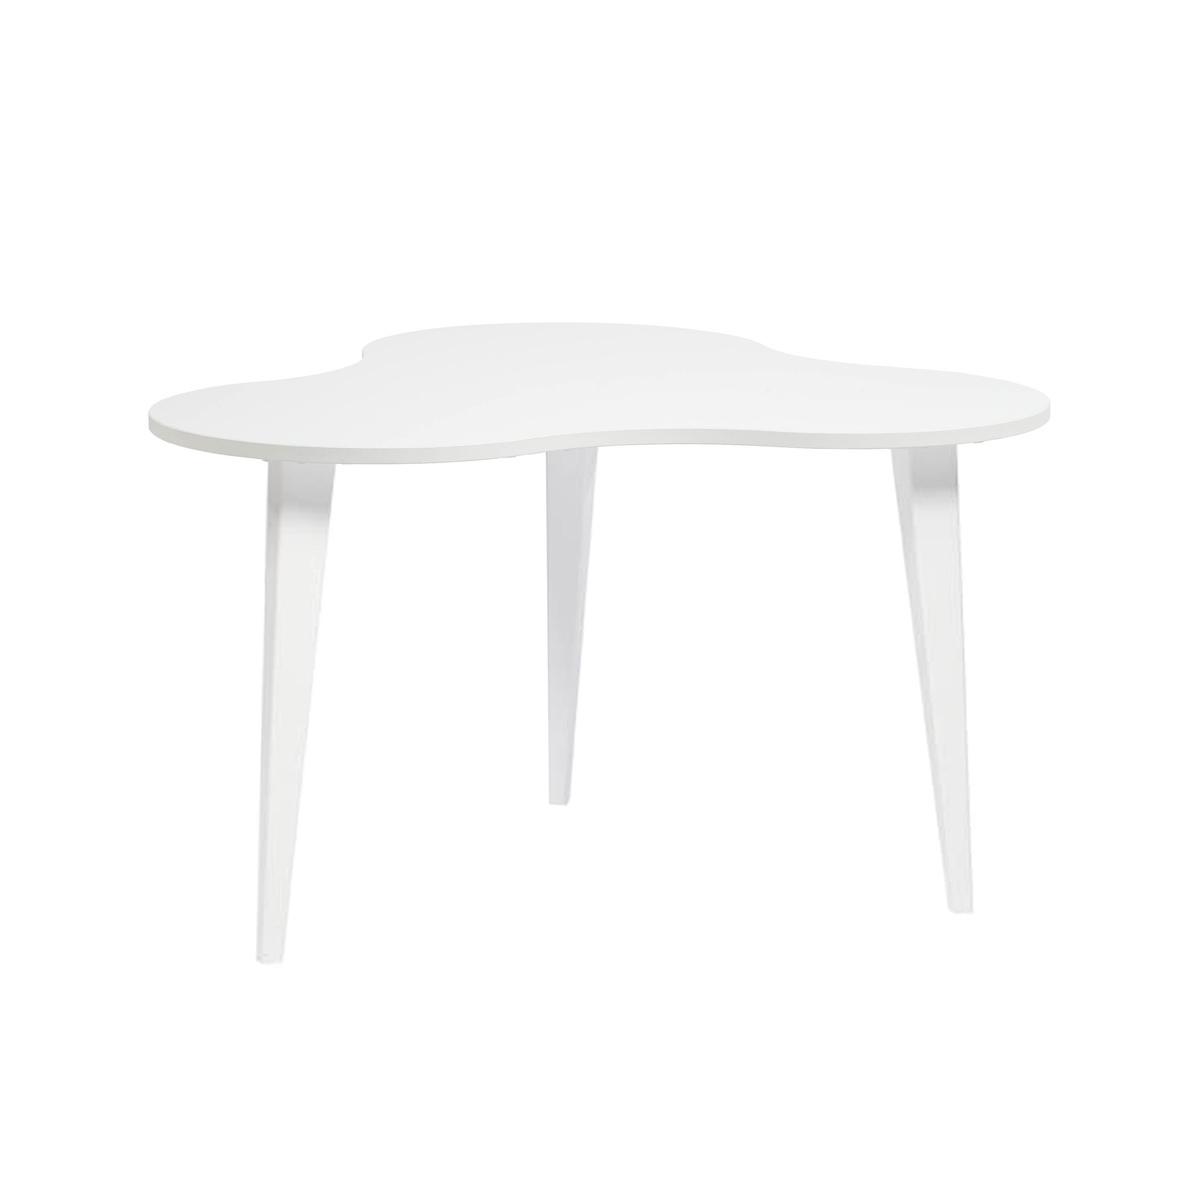 Luna 4 sohvapöytä valkoinen/valkoiset puujalat